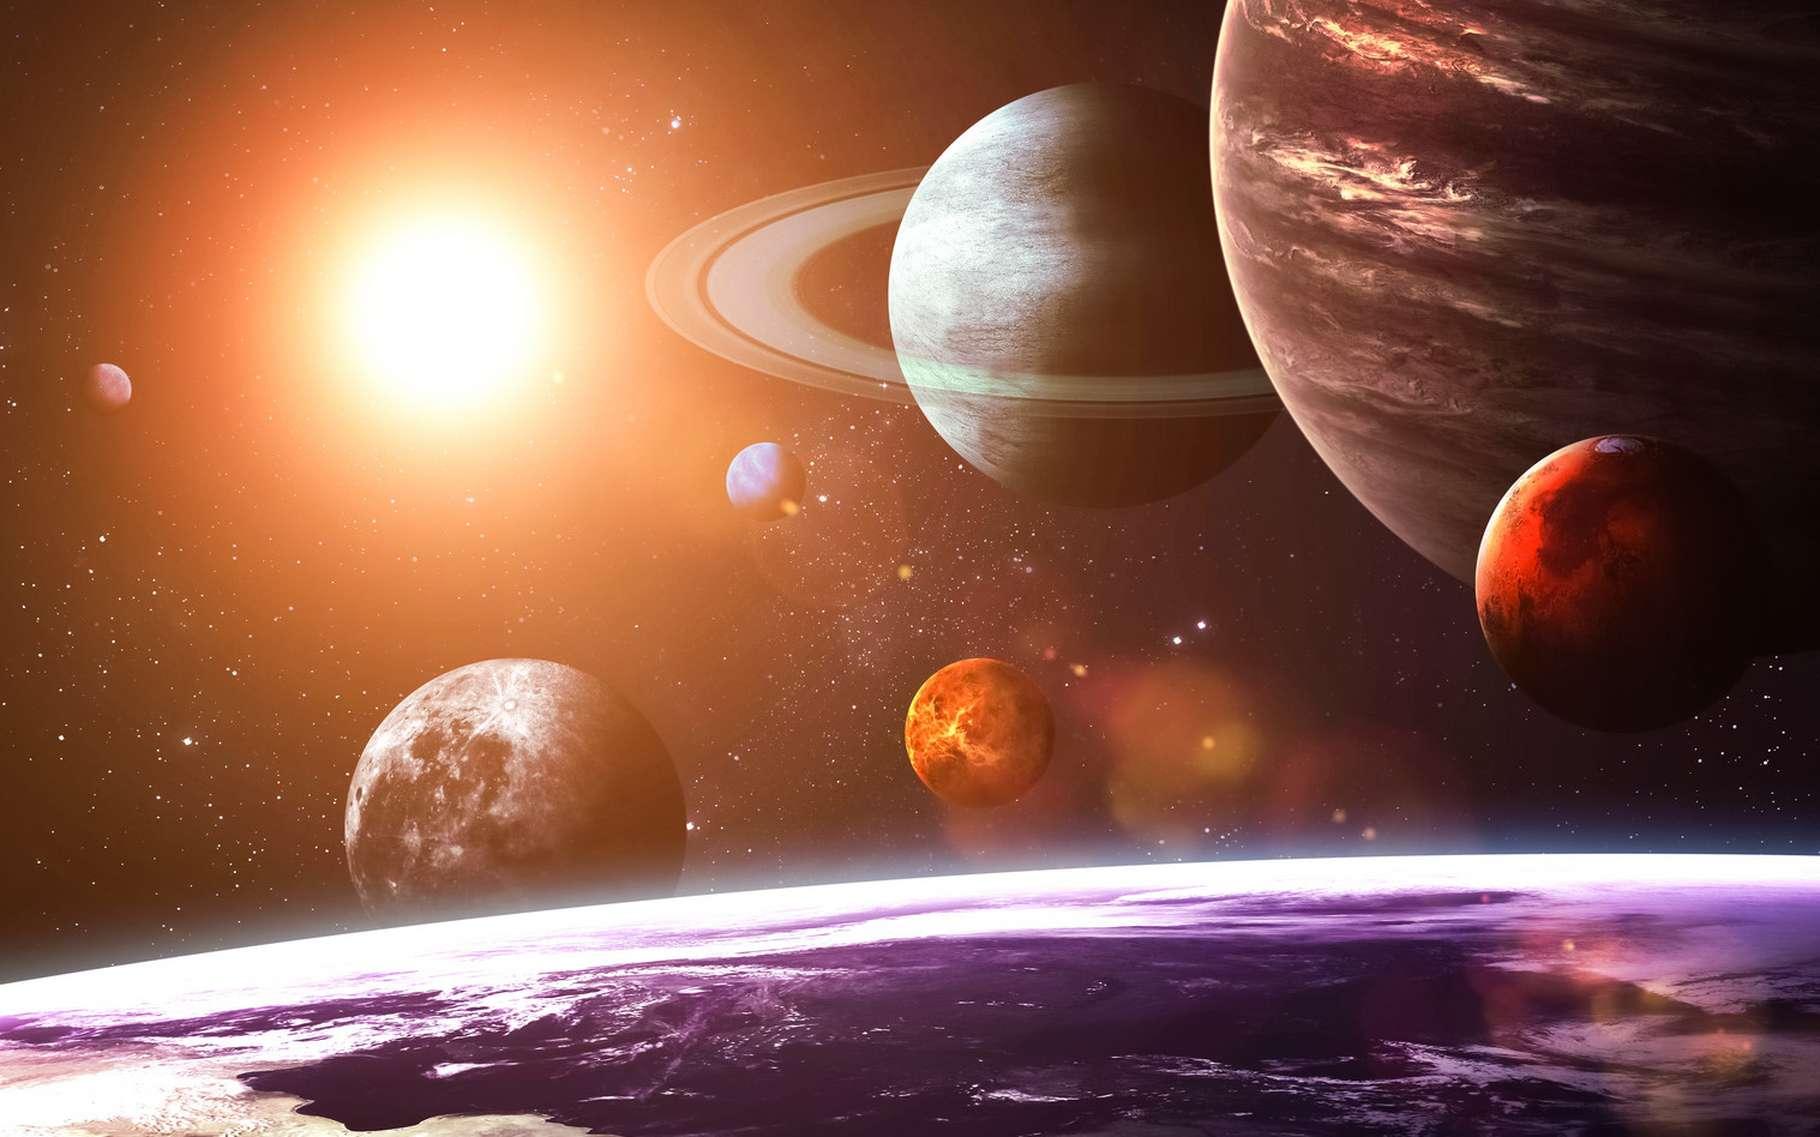 La limite du Système solaire peut être définie selon deux repères distincts : l'héliopause et l'aire d'influence gravitationnelle du Soleil. © Vadim Sadovski, Shutterstock